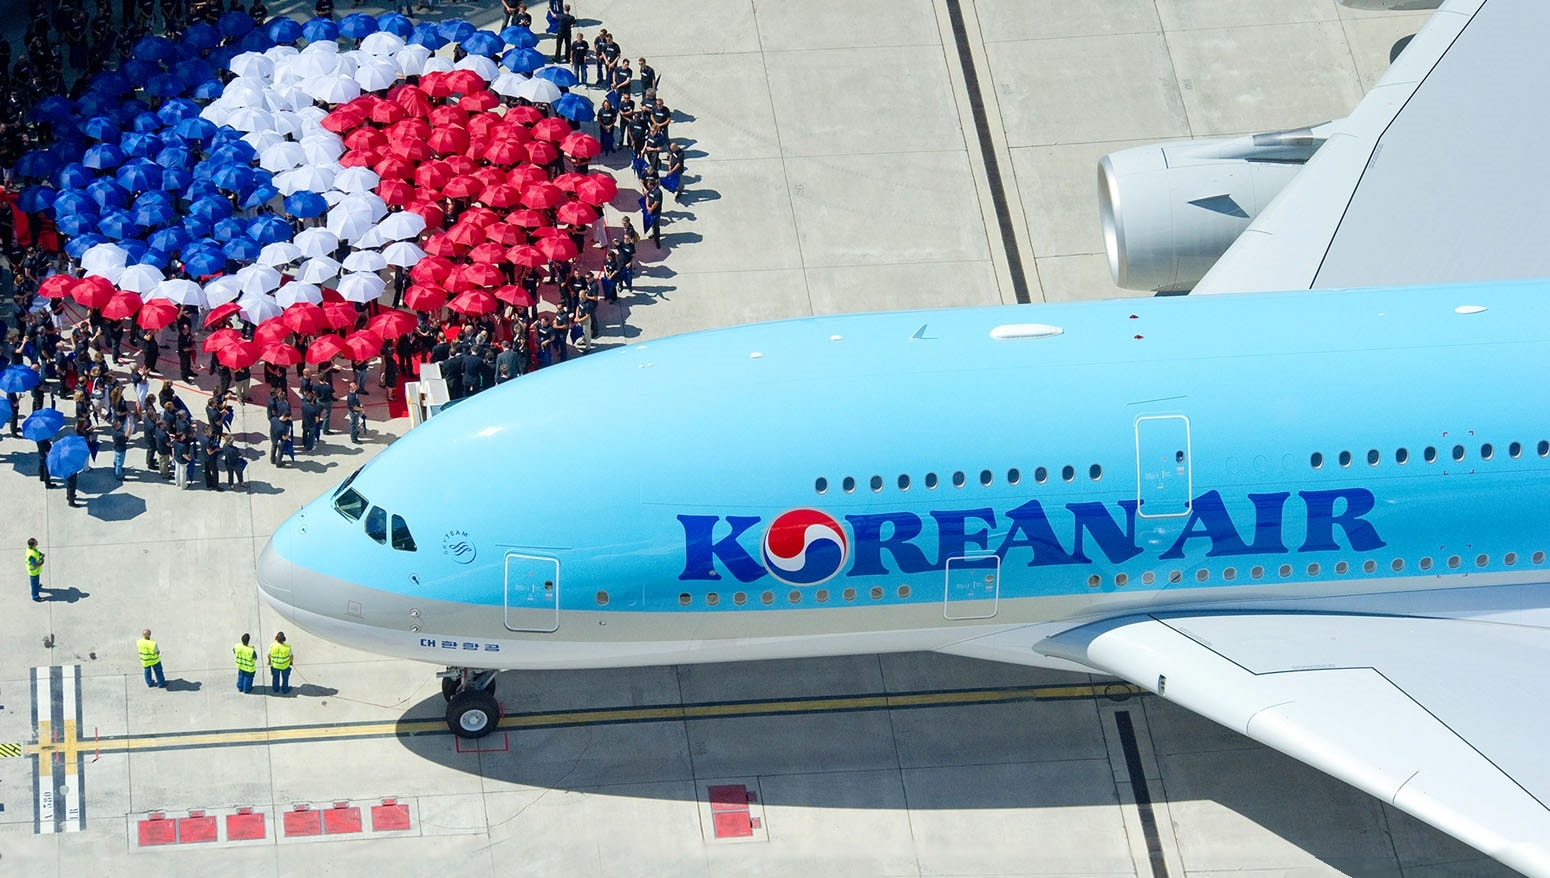 Mạng lưới của hãng hàng không Korean rất lớn